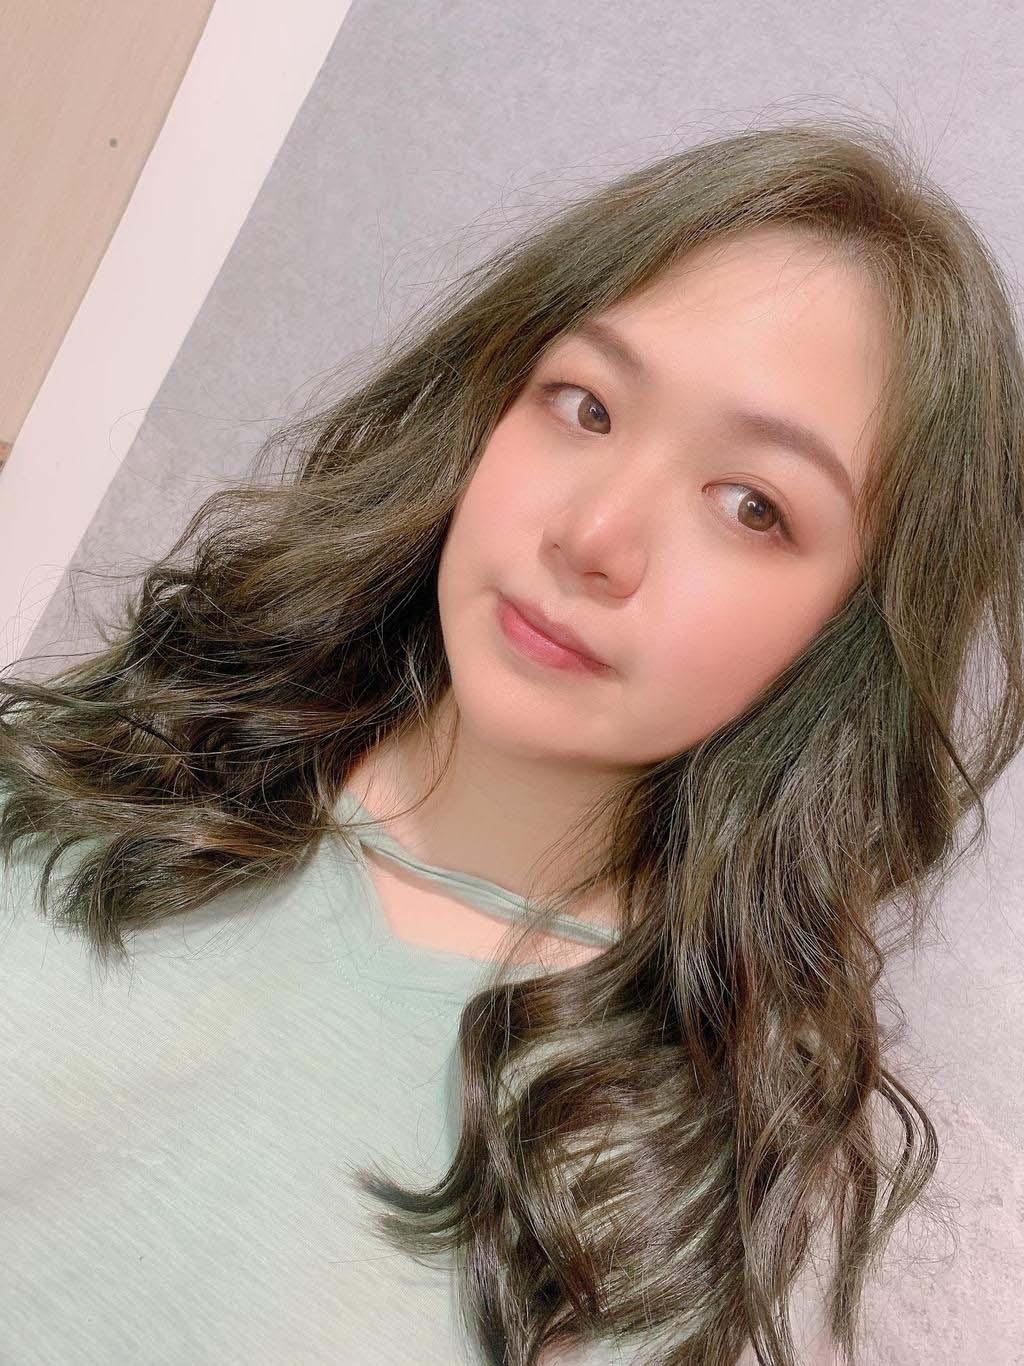 可以接受較淺髮色的女孩,建議可以加入更多淺棕與淺灰色的比例。